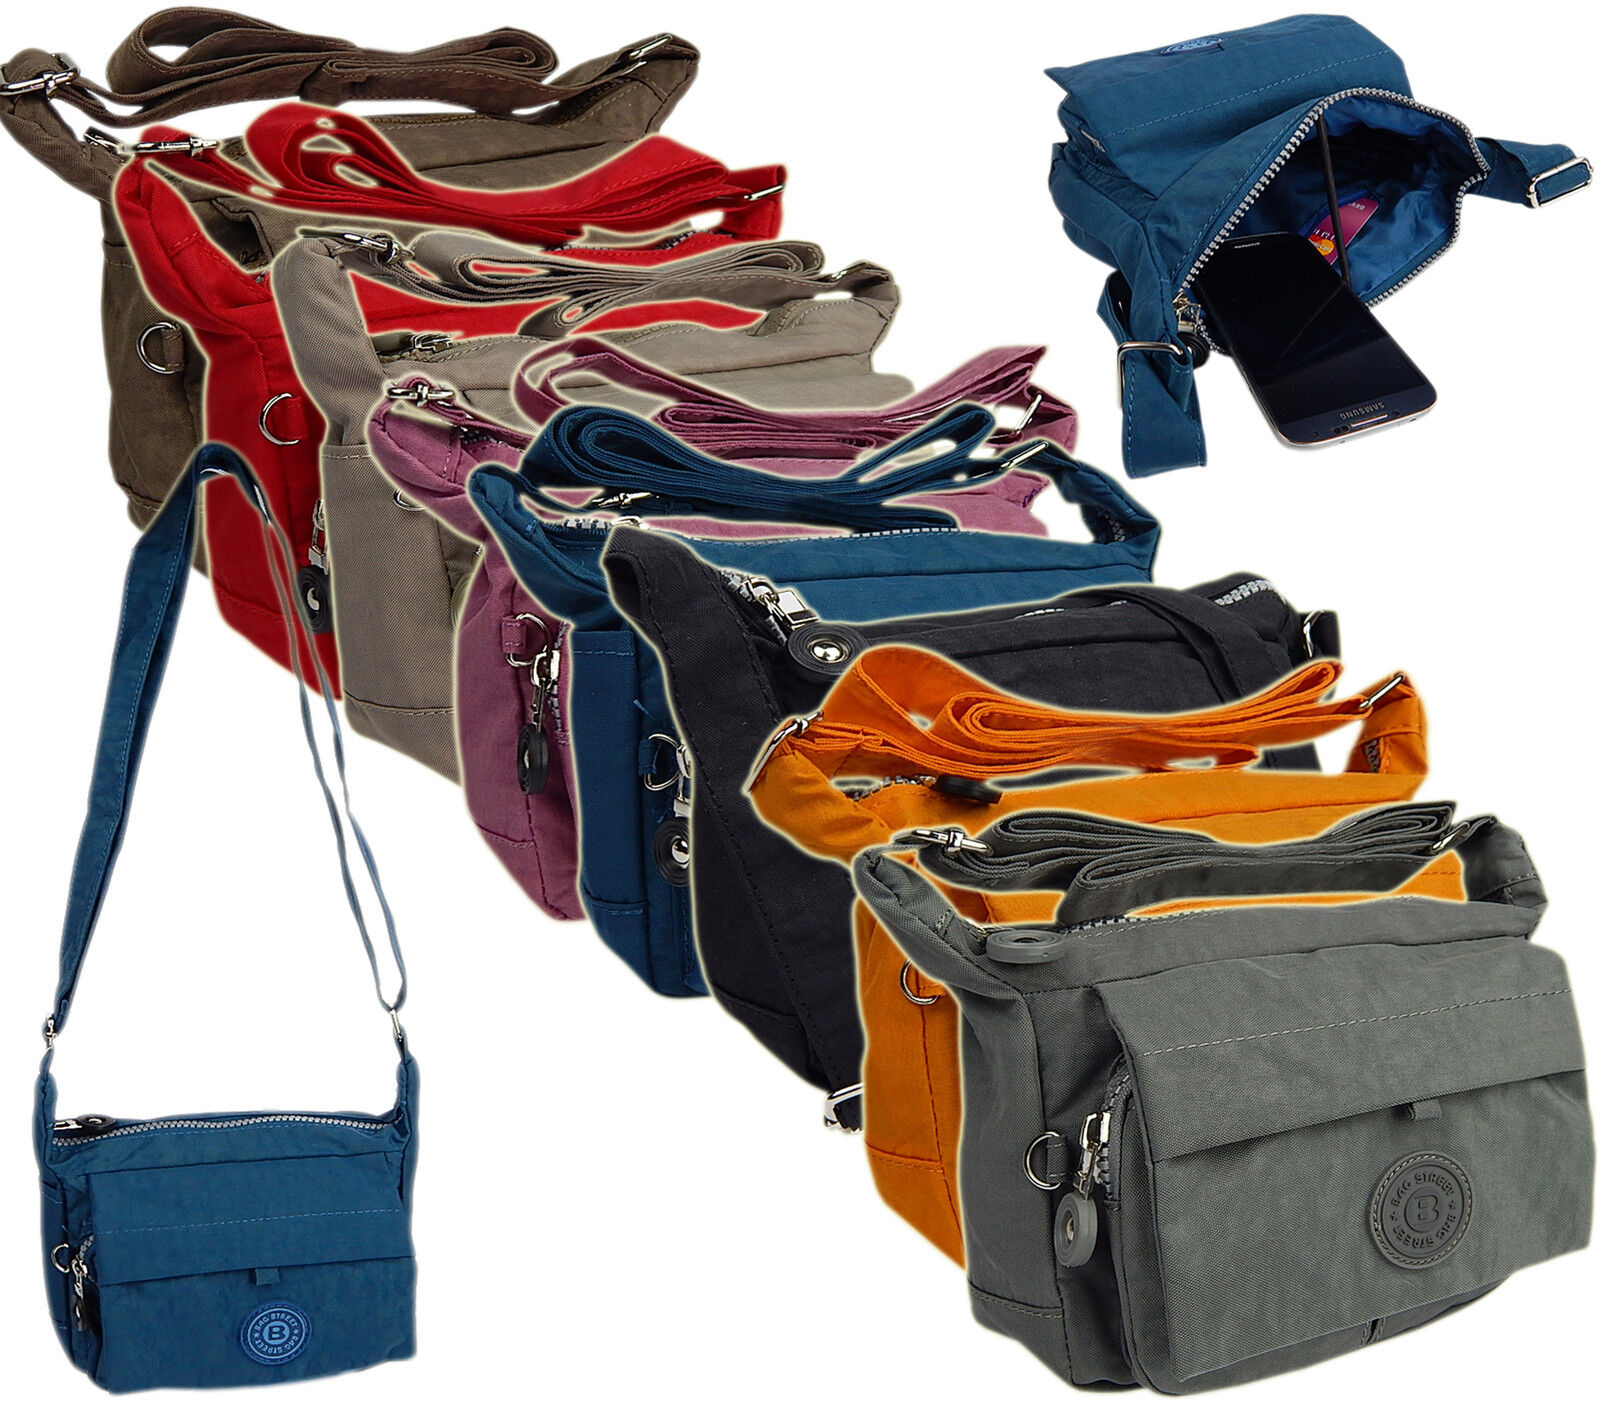 49a8673b1046b Damentasche Sportliche Handtasche UMHÄNGETASCHE Wasserabweisende Nylon  Tasche